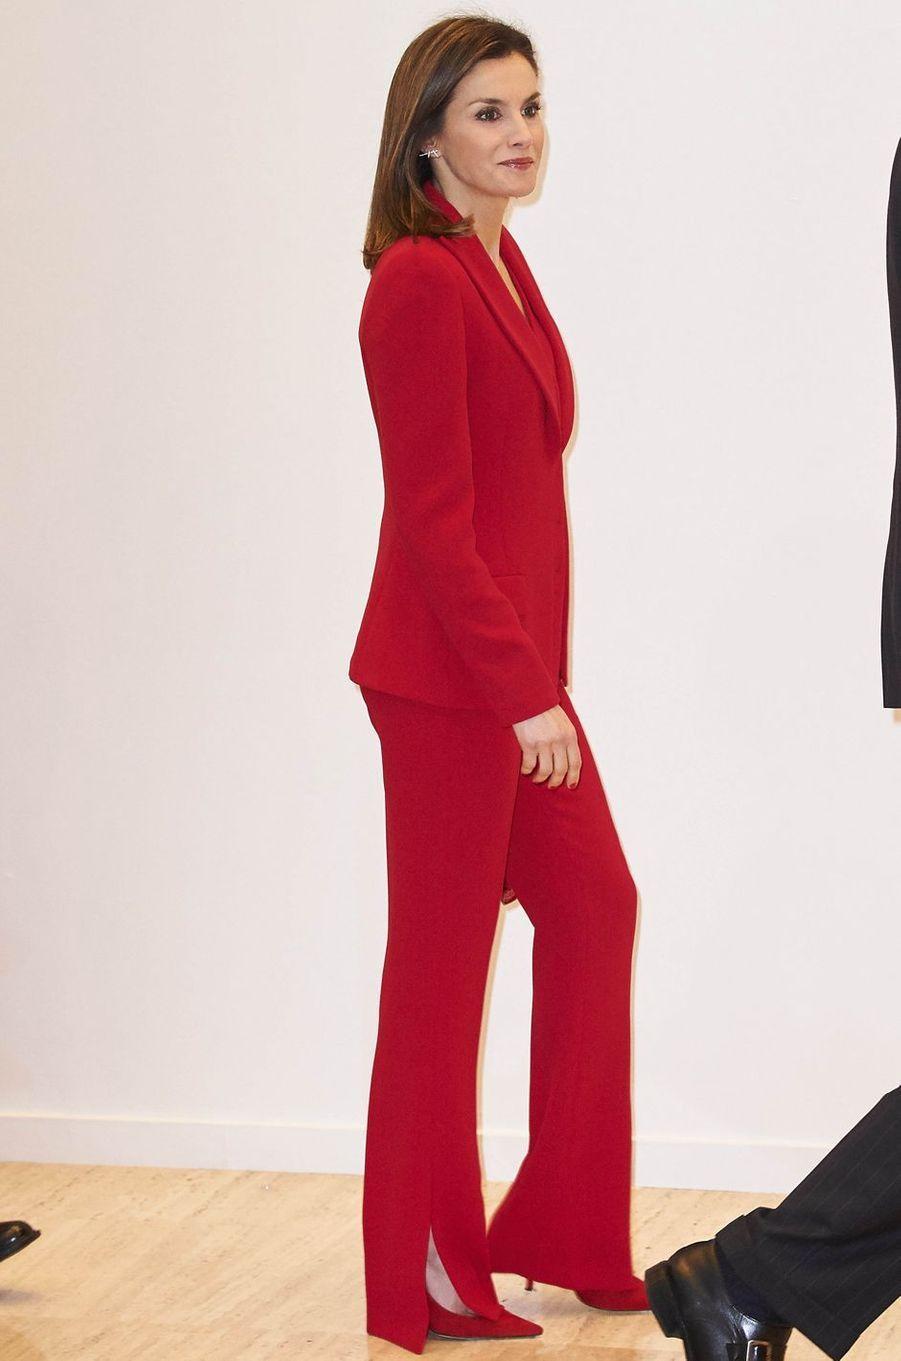 La reine Letizia d'Espagne, le 22 mars 2018